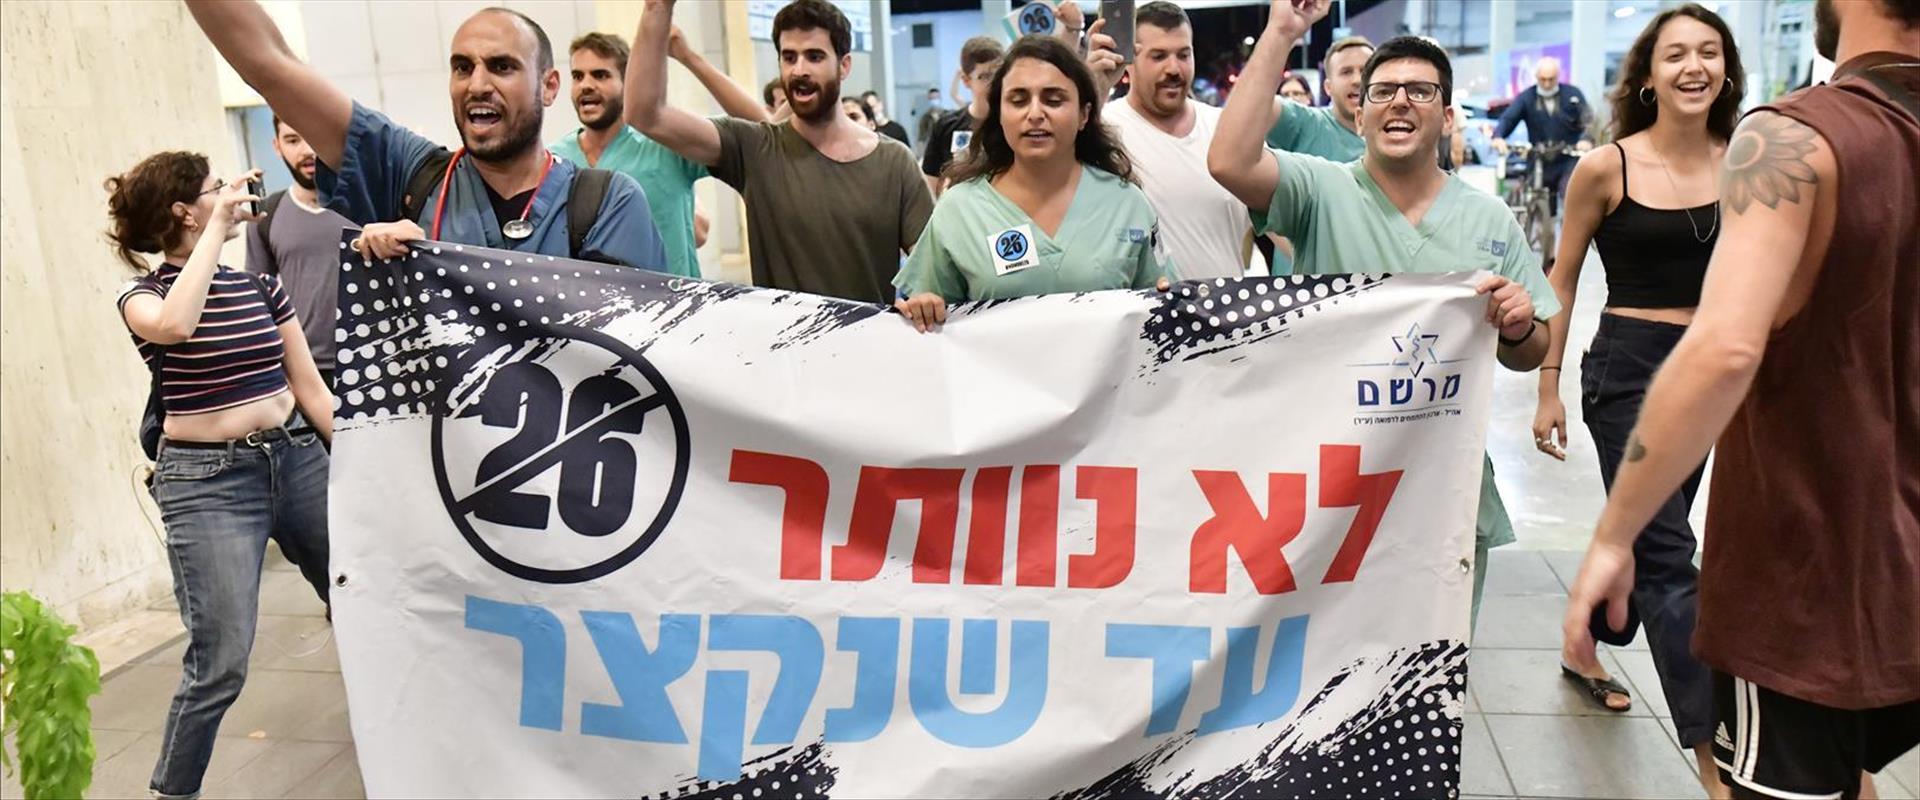 הפגנת המתמחים בתל אביב, שלשום